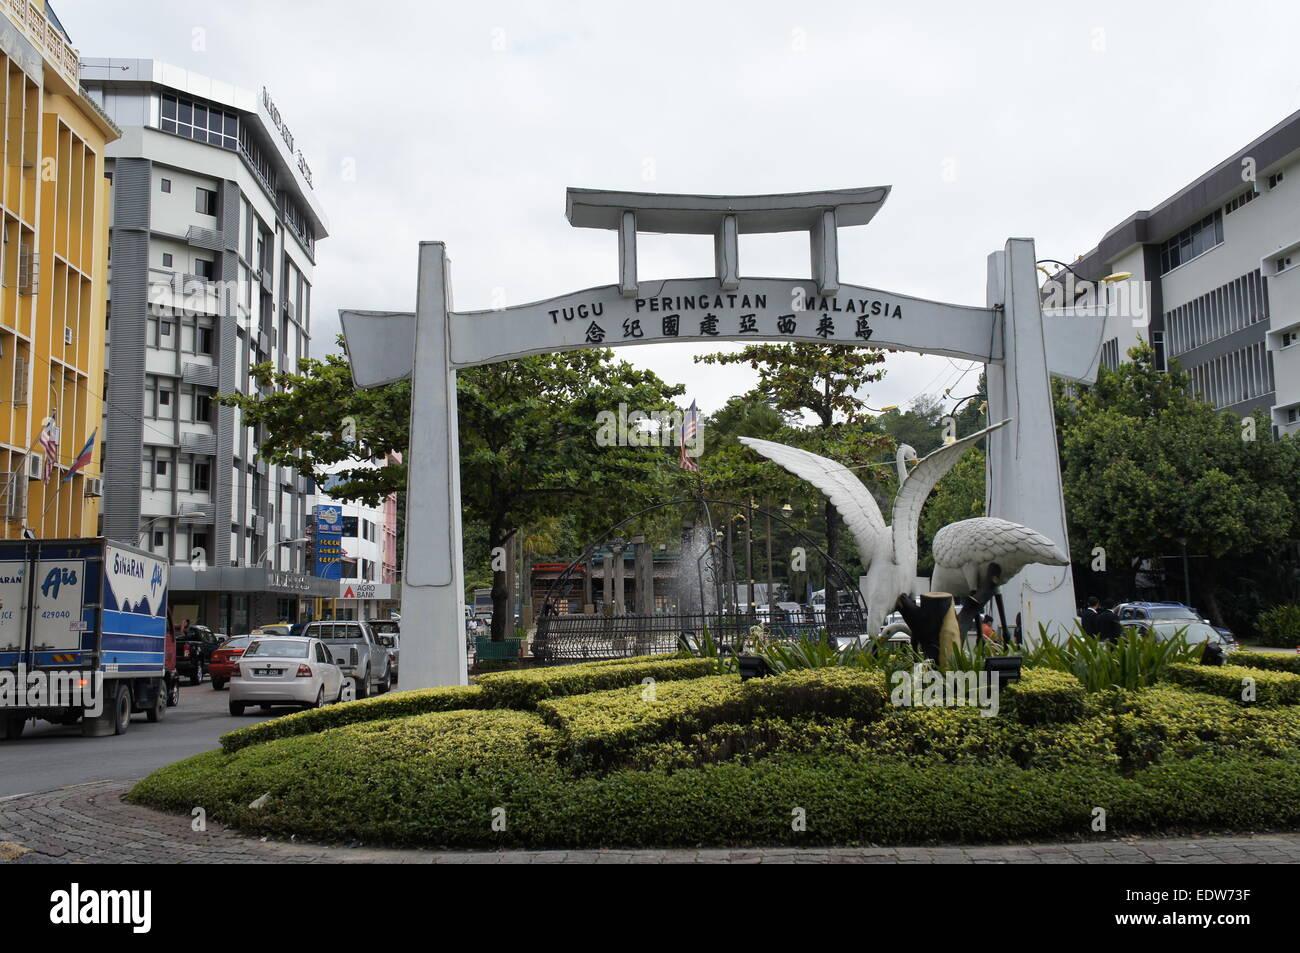 Malaysia Monument @ Tugu Peringatan Malaysia at Kota Kinabalu, Malaysia - Stock Image